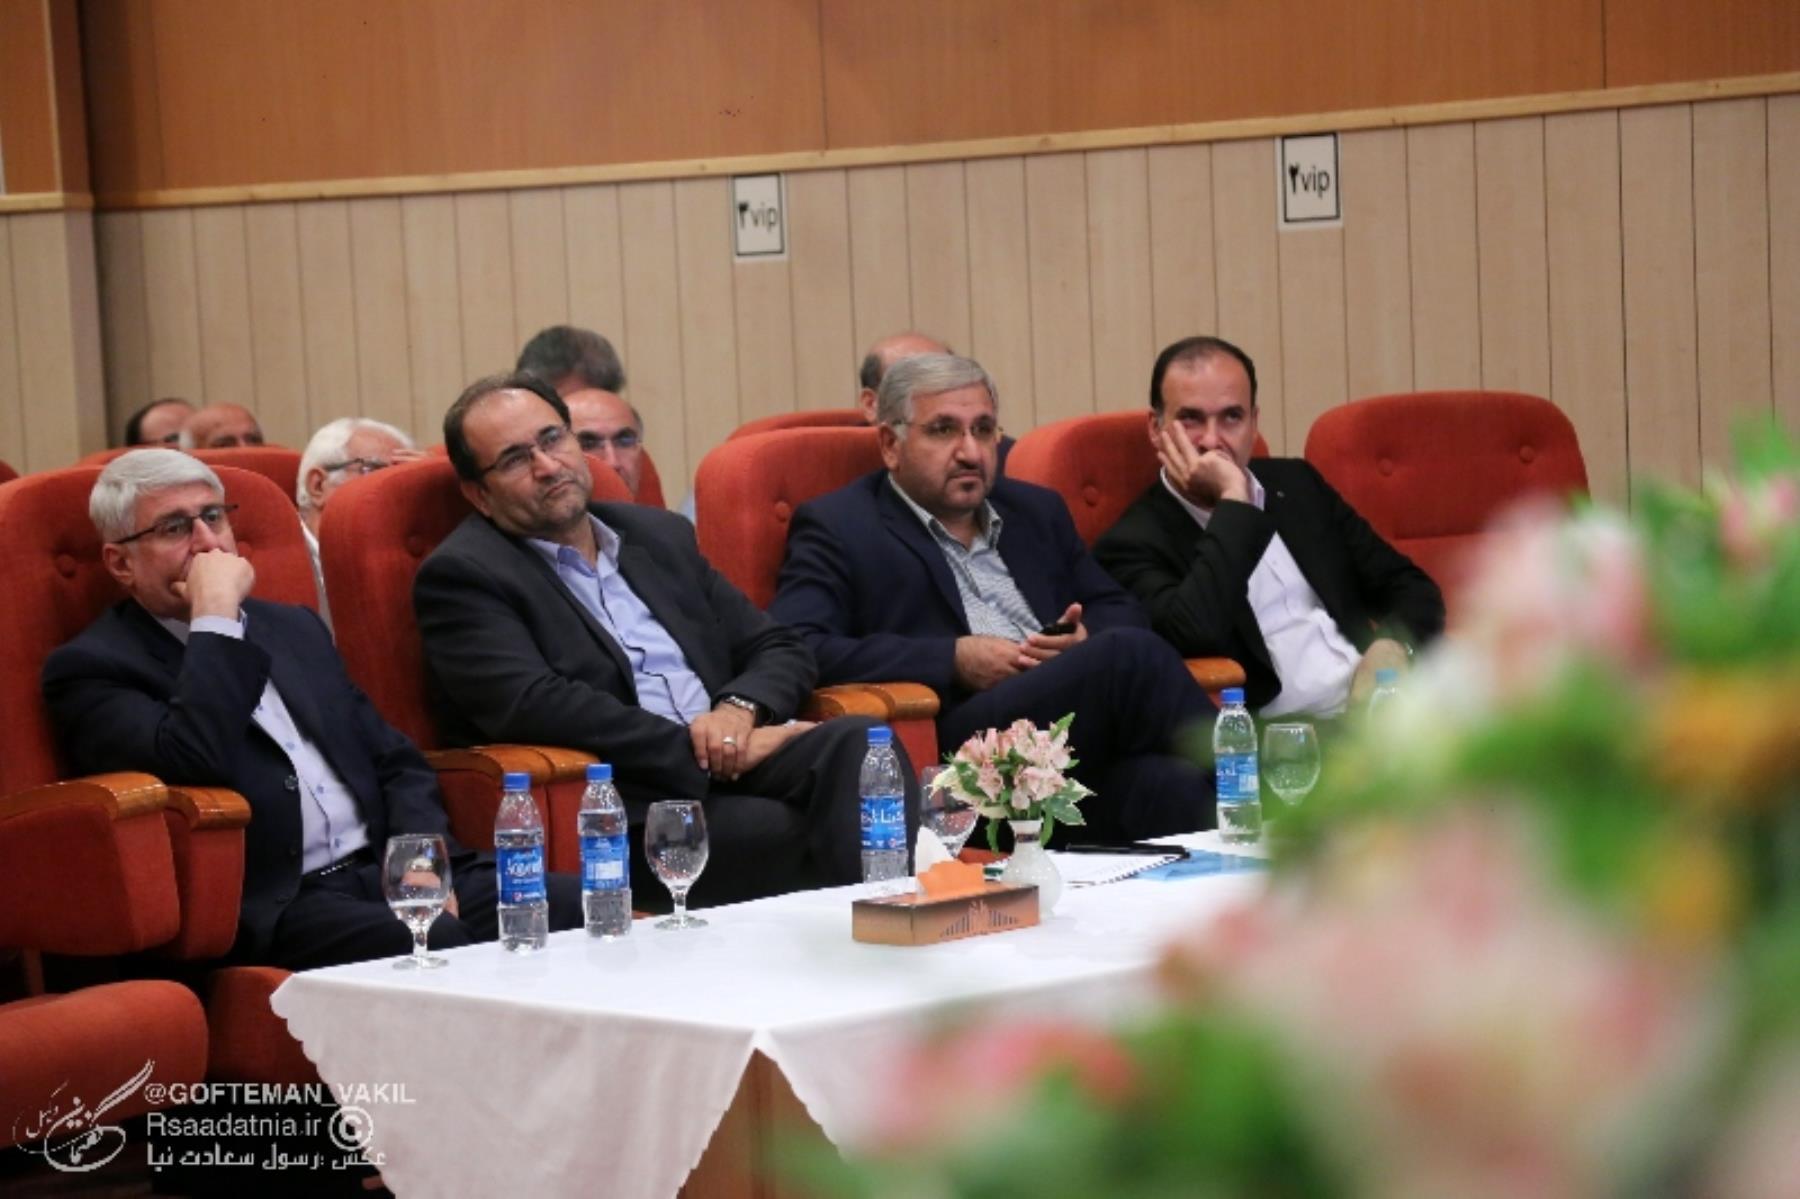 شهبازی نیا . ملک شاهی . فرهنگی.